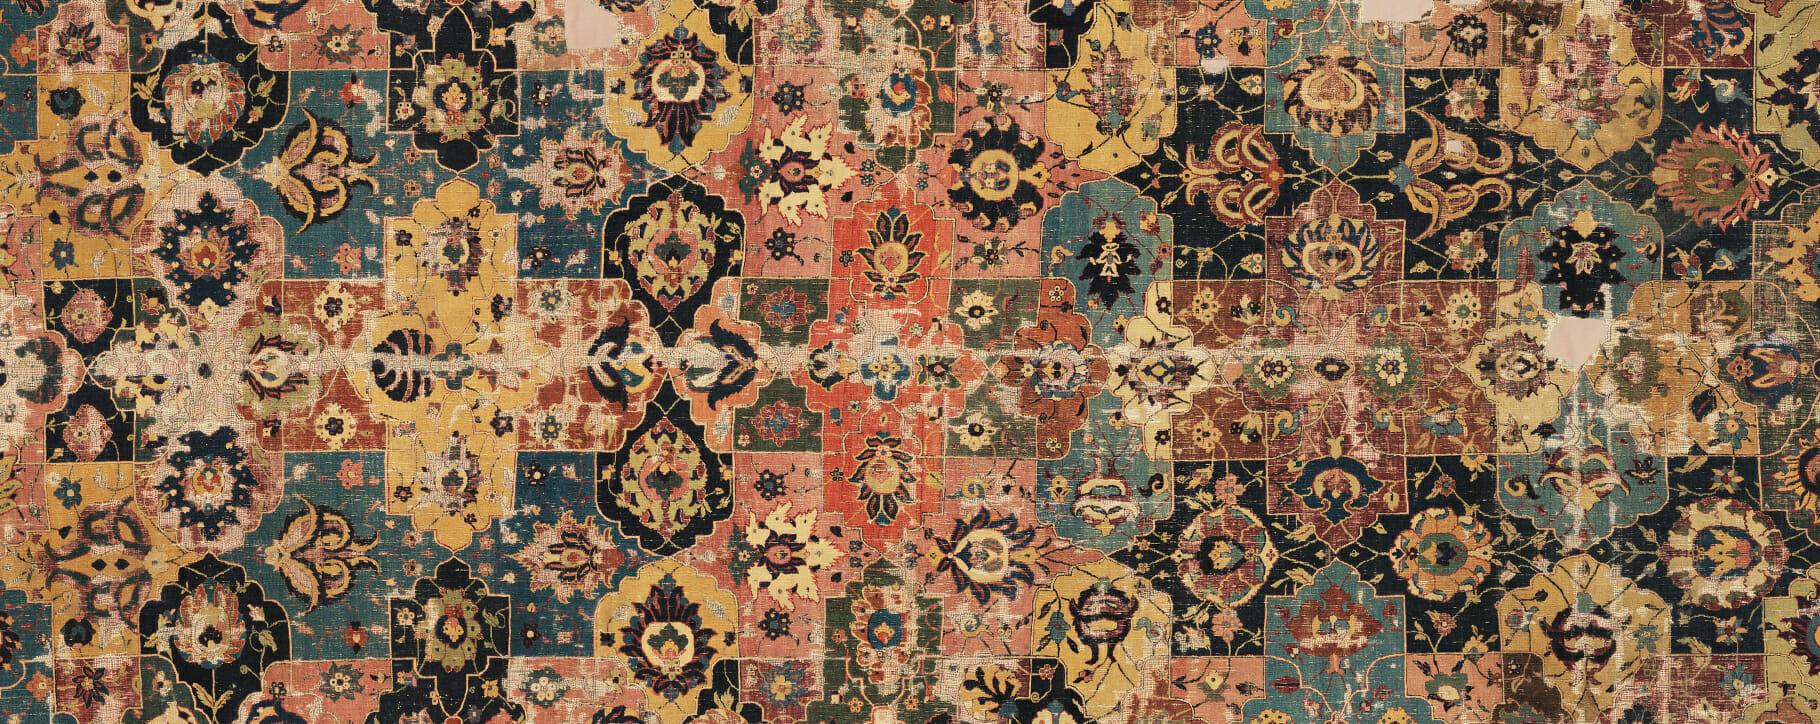 Iran Antique Rug